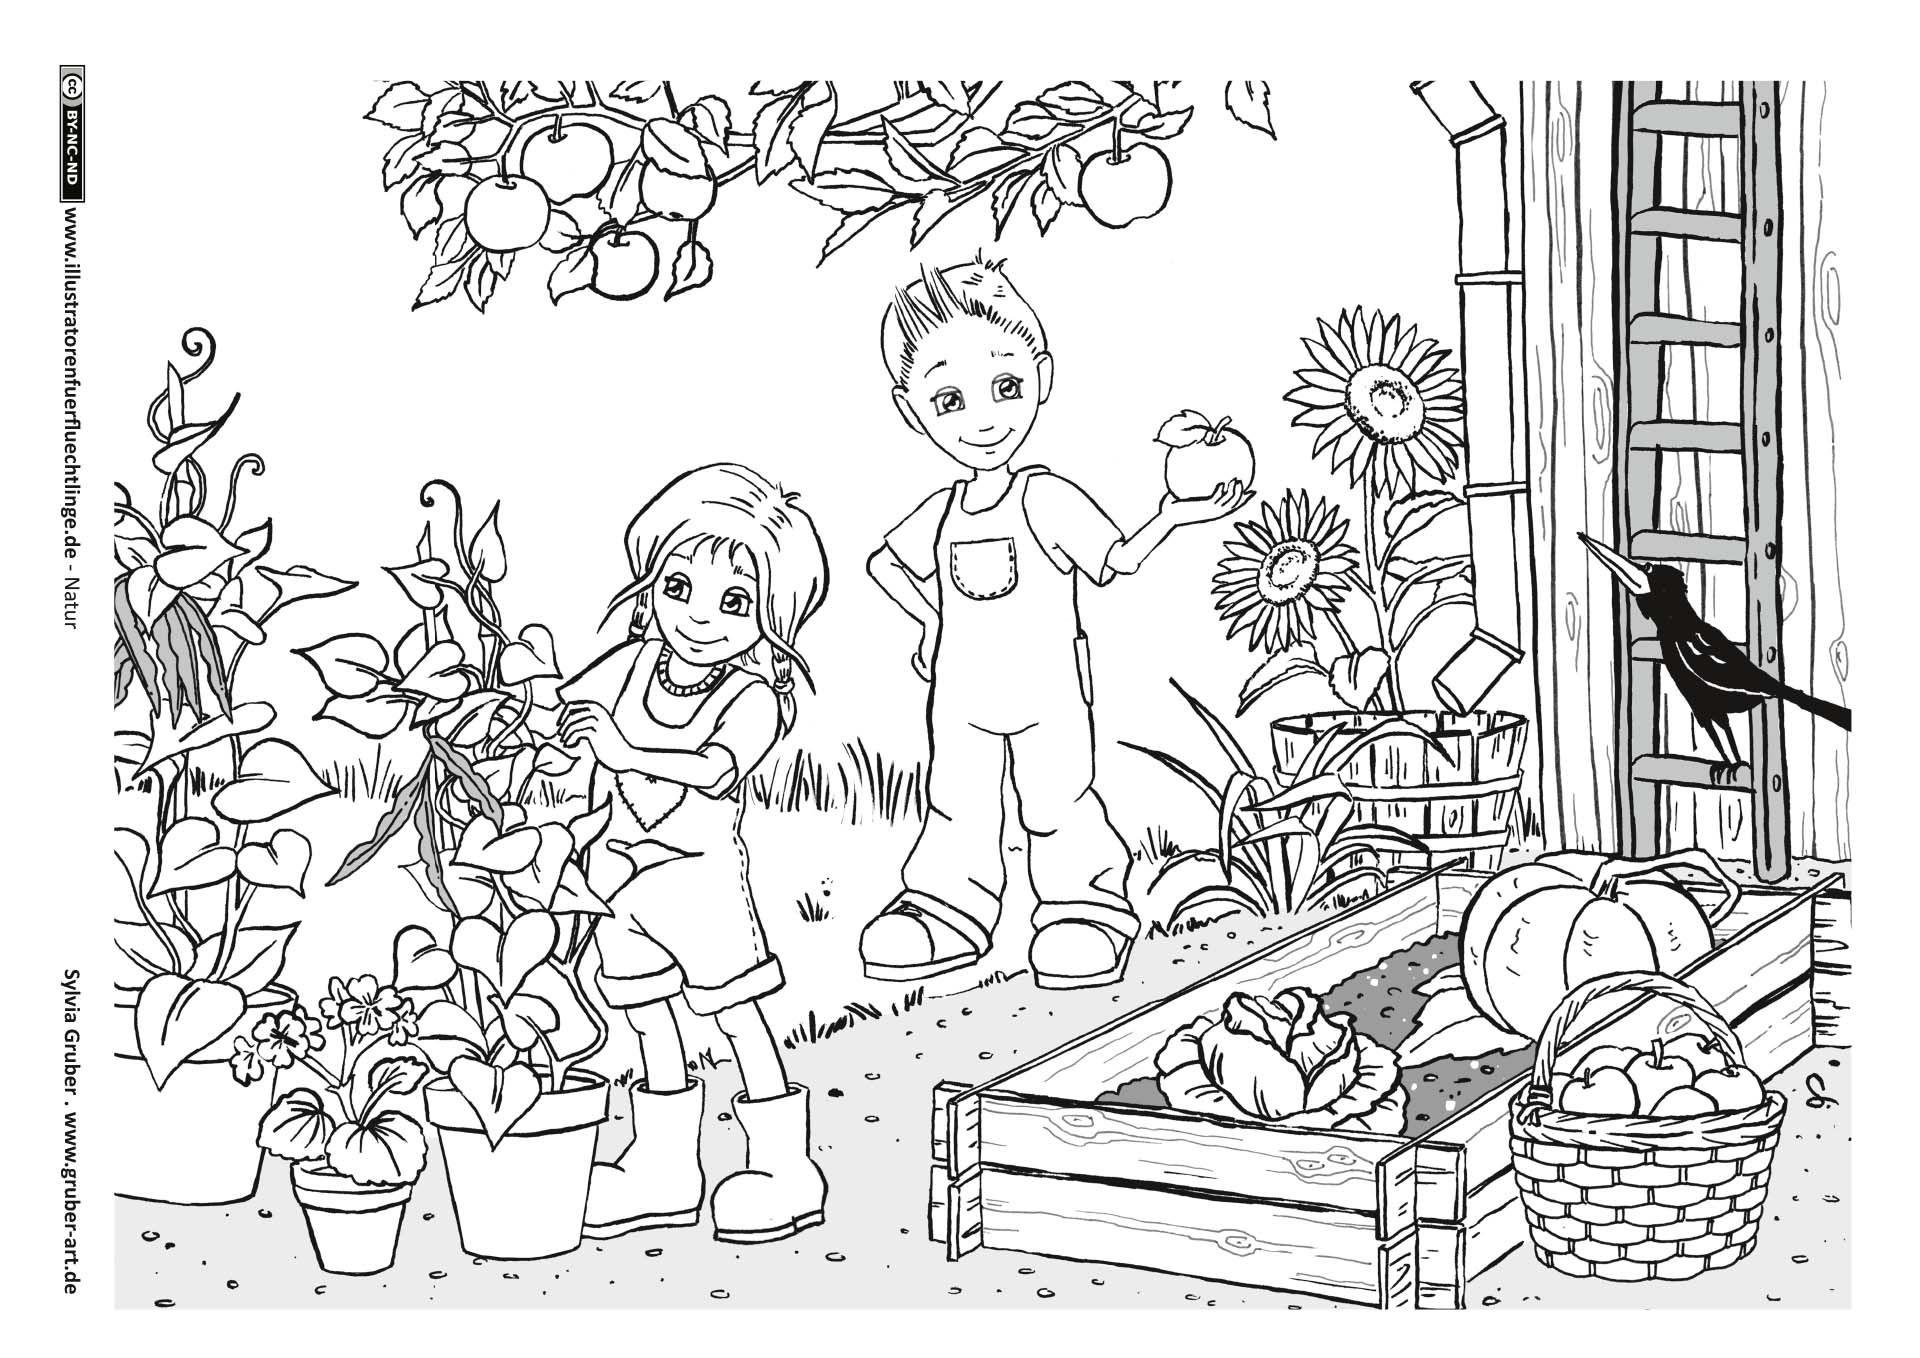 дятлов картинки раскраски на тему огород нет, какая